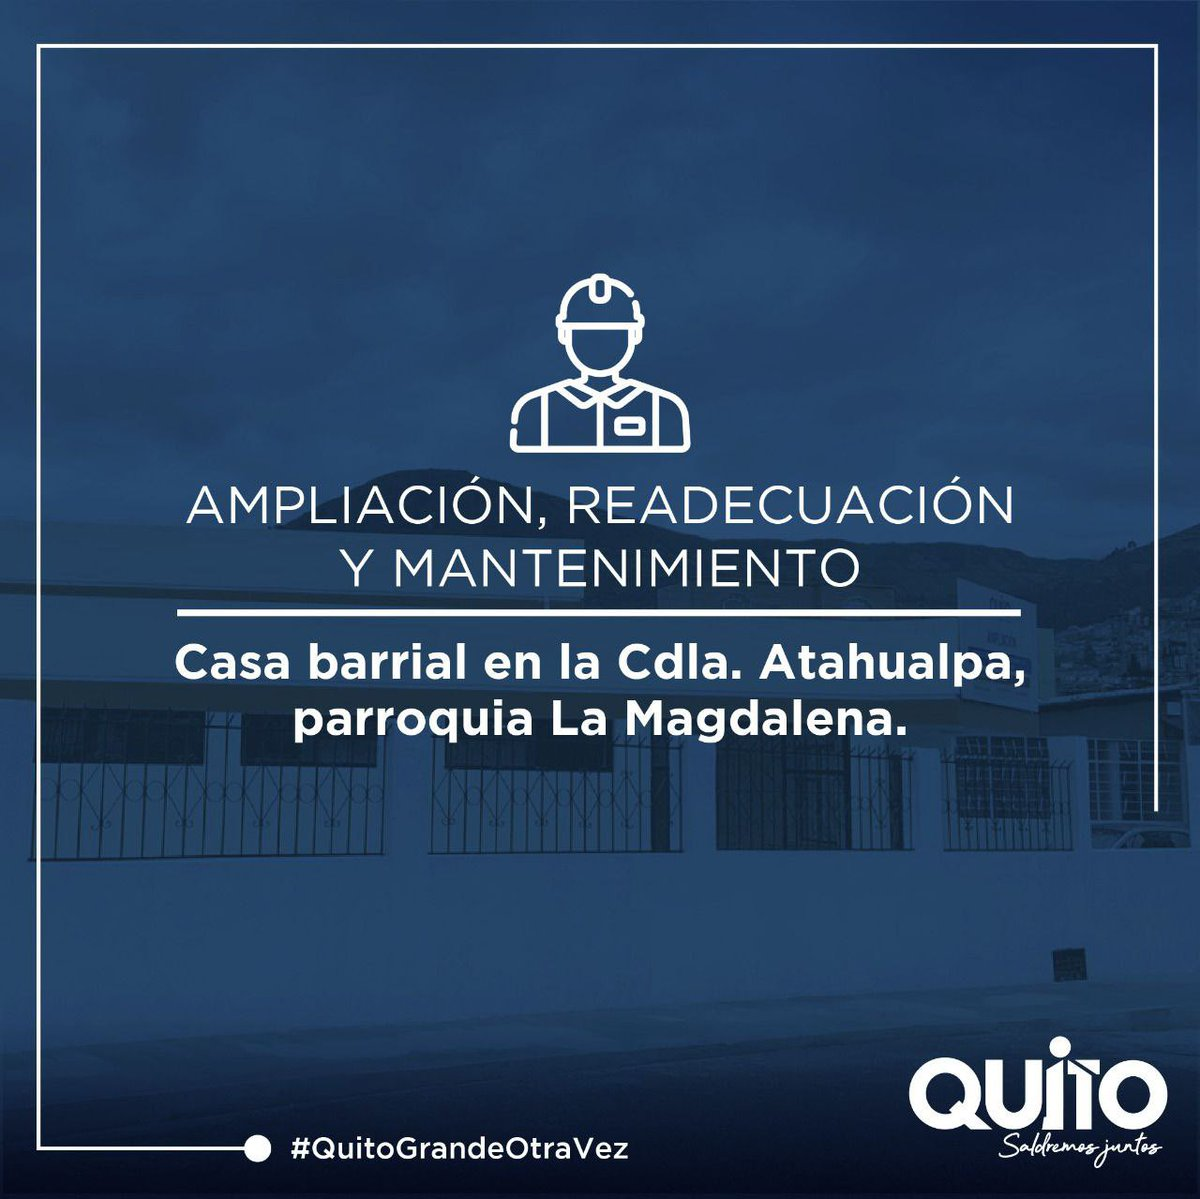 .@MunicipioQuito renueva las casas comunales del barrio Hermanos Cristianos y Ciudadela Atahualpa en la @zonaeloyalfaro a través de Presupuestos Participativos. Conoce el antes y el después de esta obra. Trabajamos por un #QuitoGrandeOtraVez. https://t.co/abSZnJzrKX